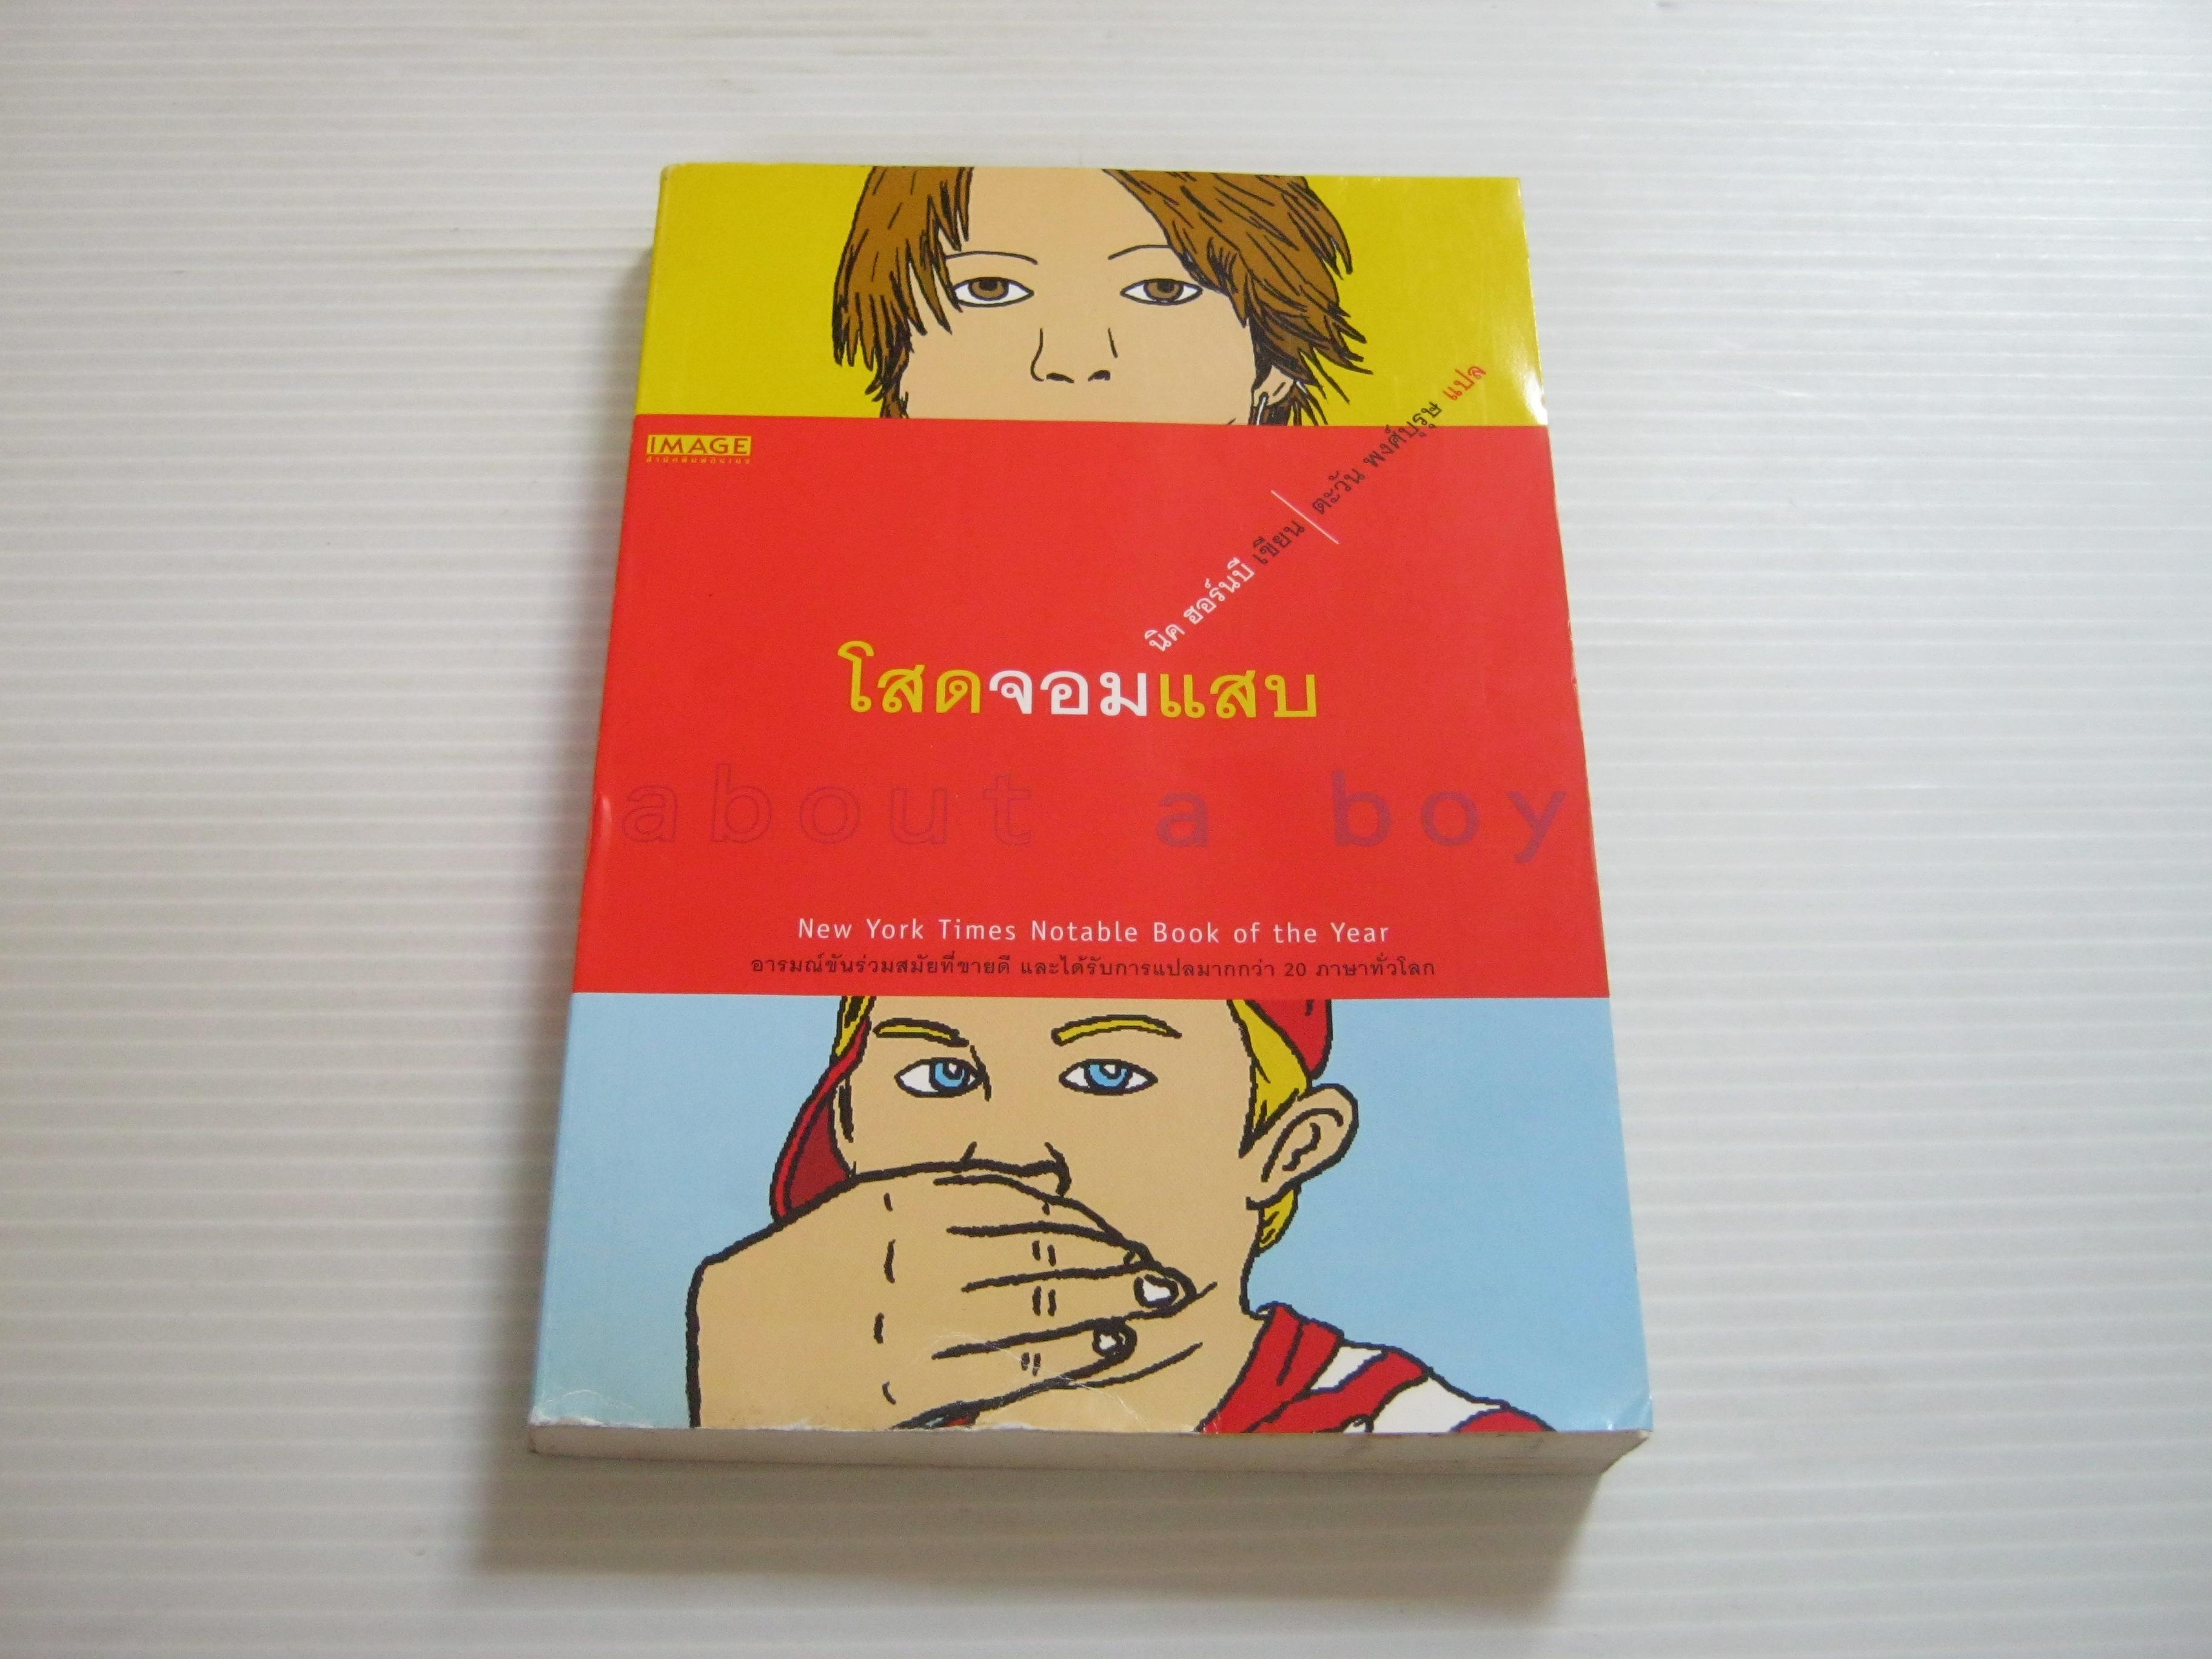 โสดจอมแสบ (about a boy) พิมพ์ครั้งที่ 2 นิค ฮอร์นบี เขียน ตะวัน พงศ์บุรุษ แปล